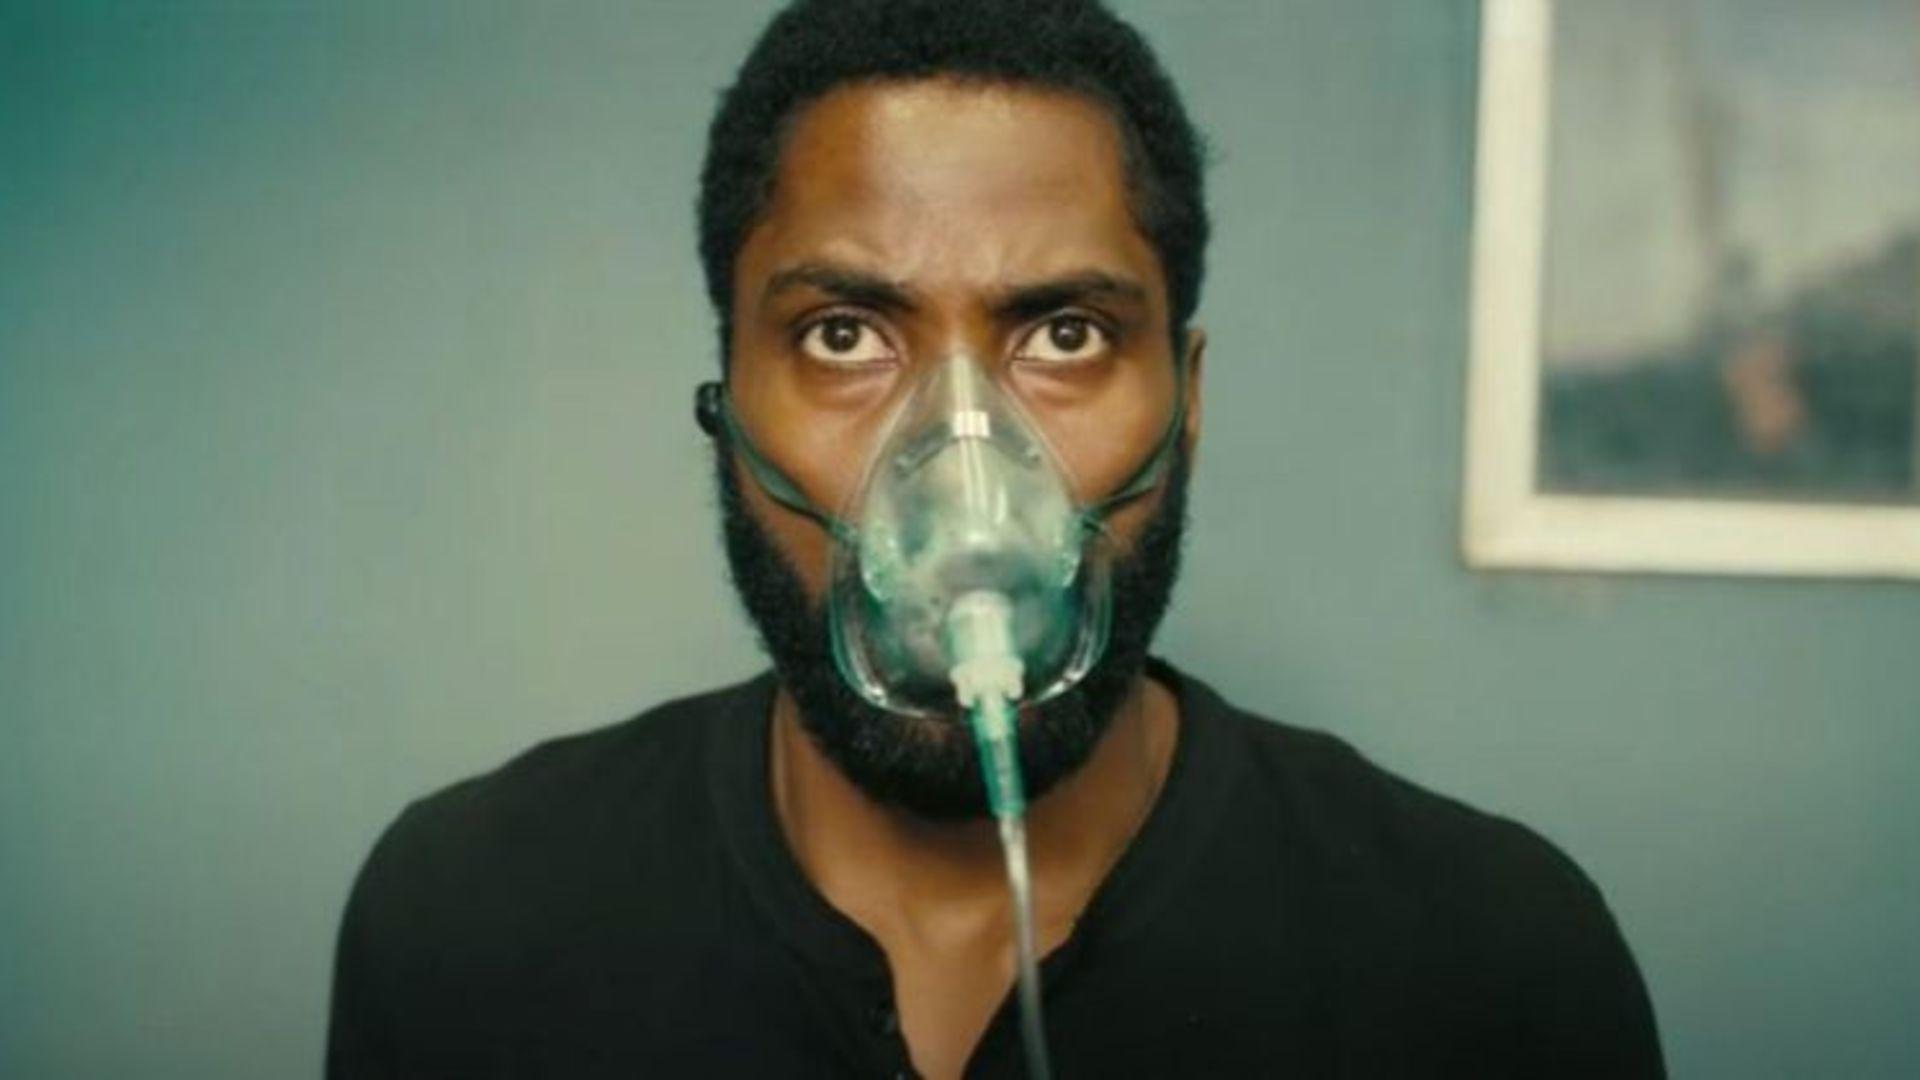 Nieuwe trailer 'Tenet' van Christopher Nolan